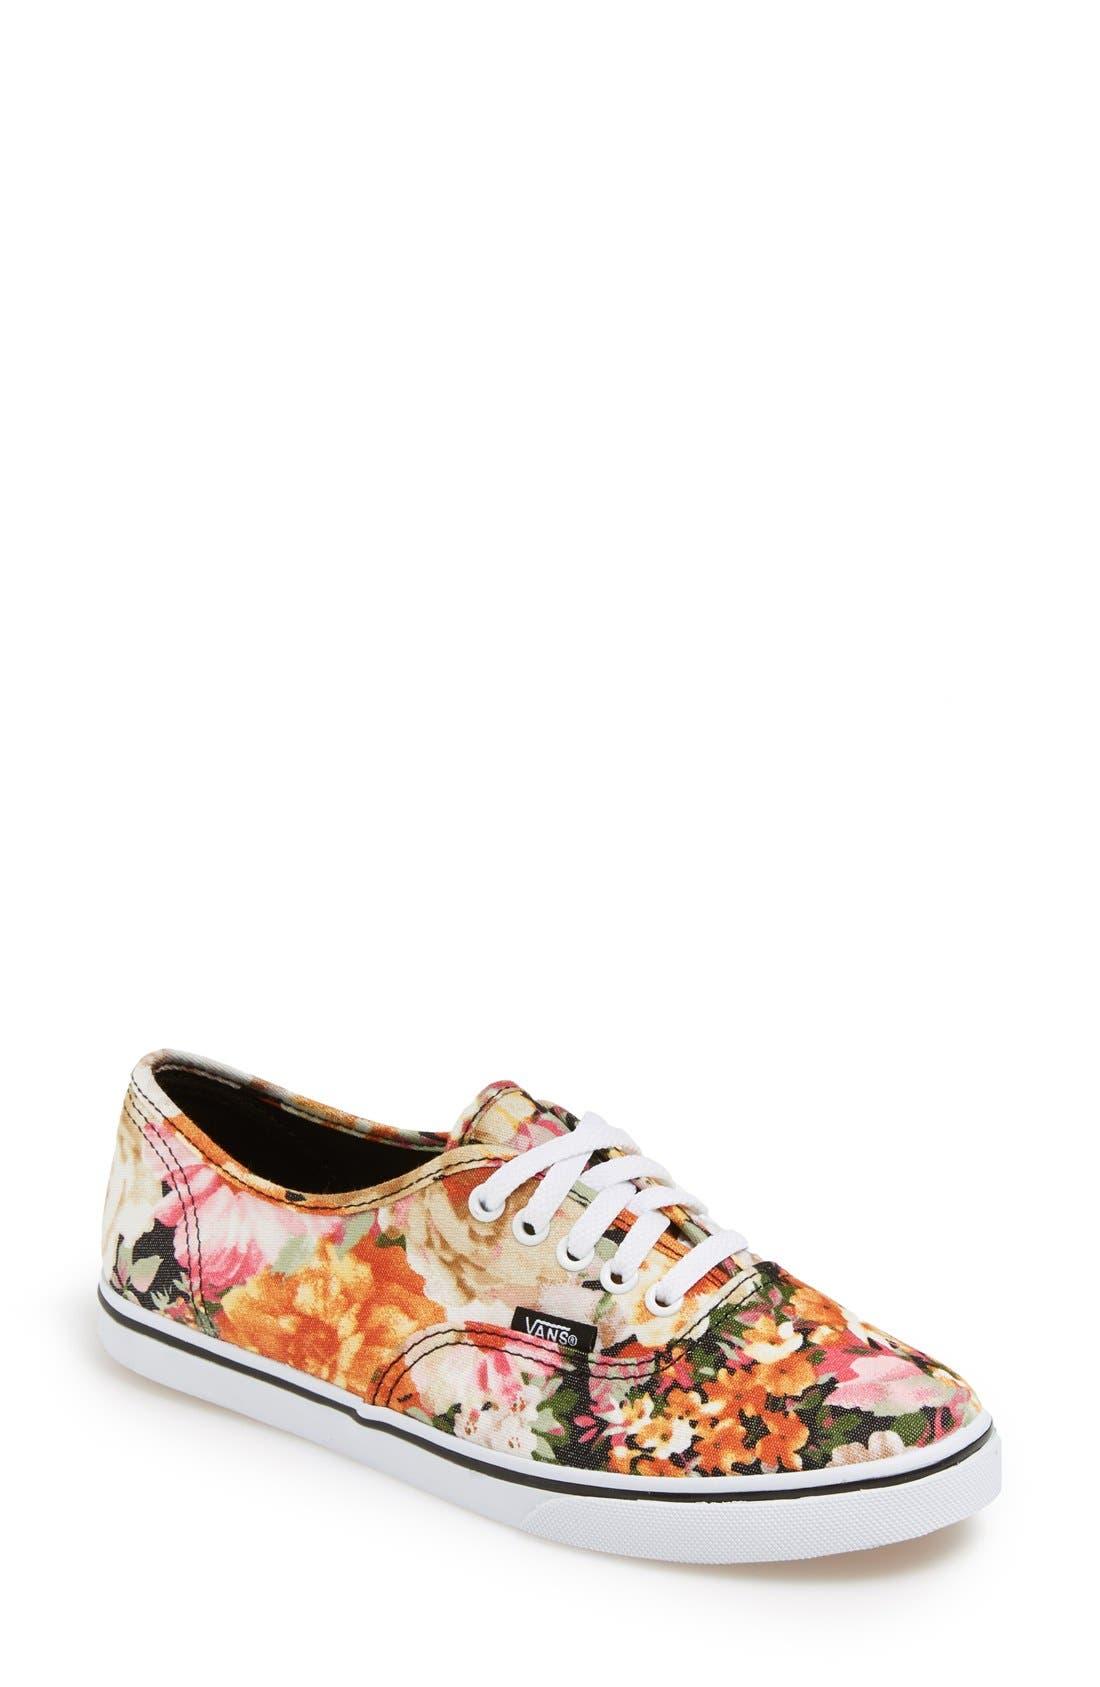 Main Image - Vans 'Authentic Lo Pro - Floral' Sneaker (Women)